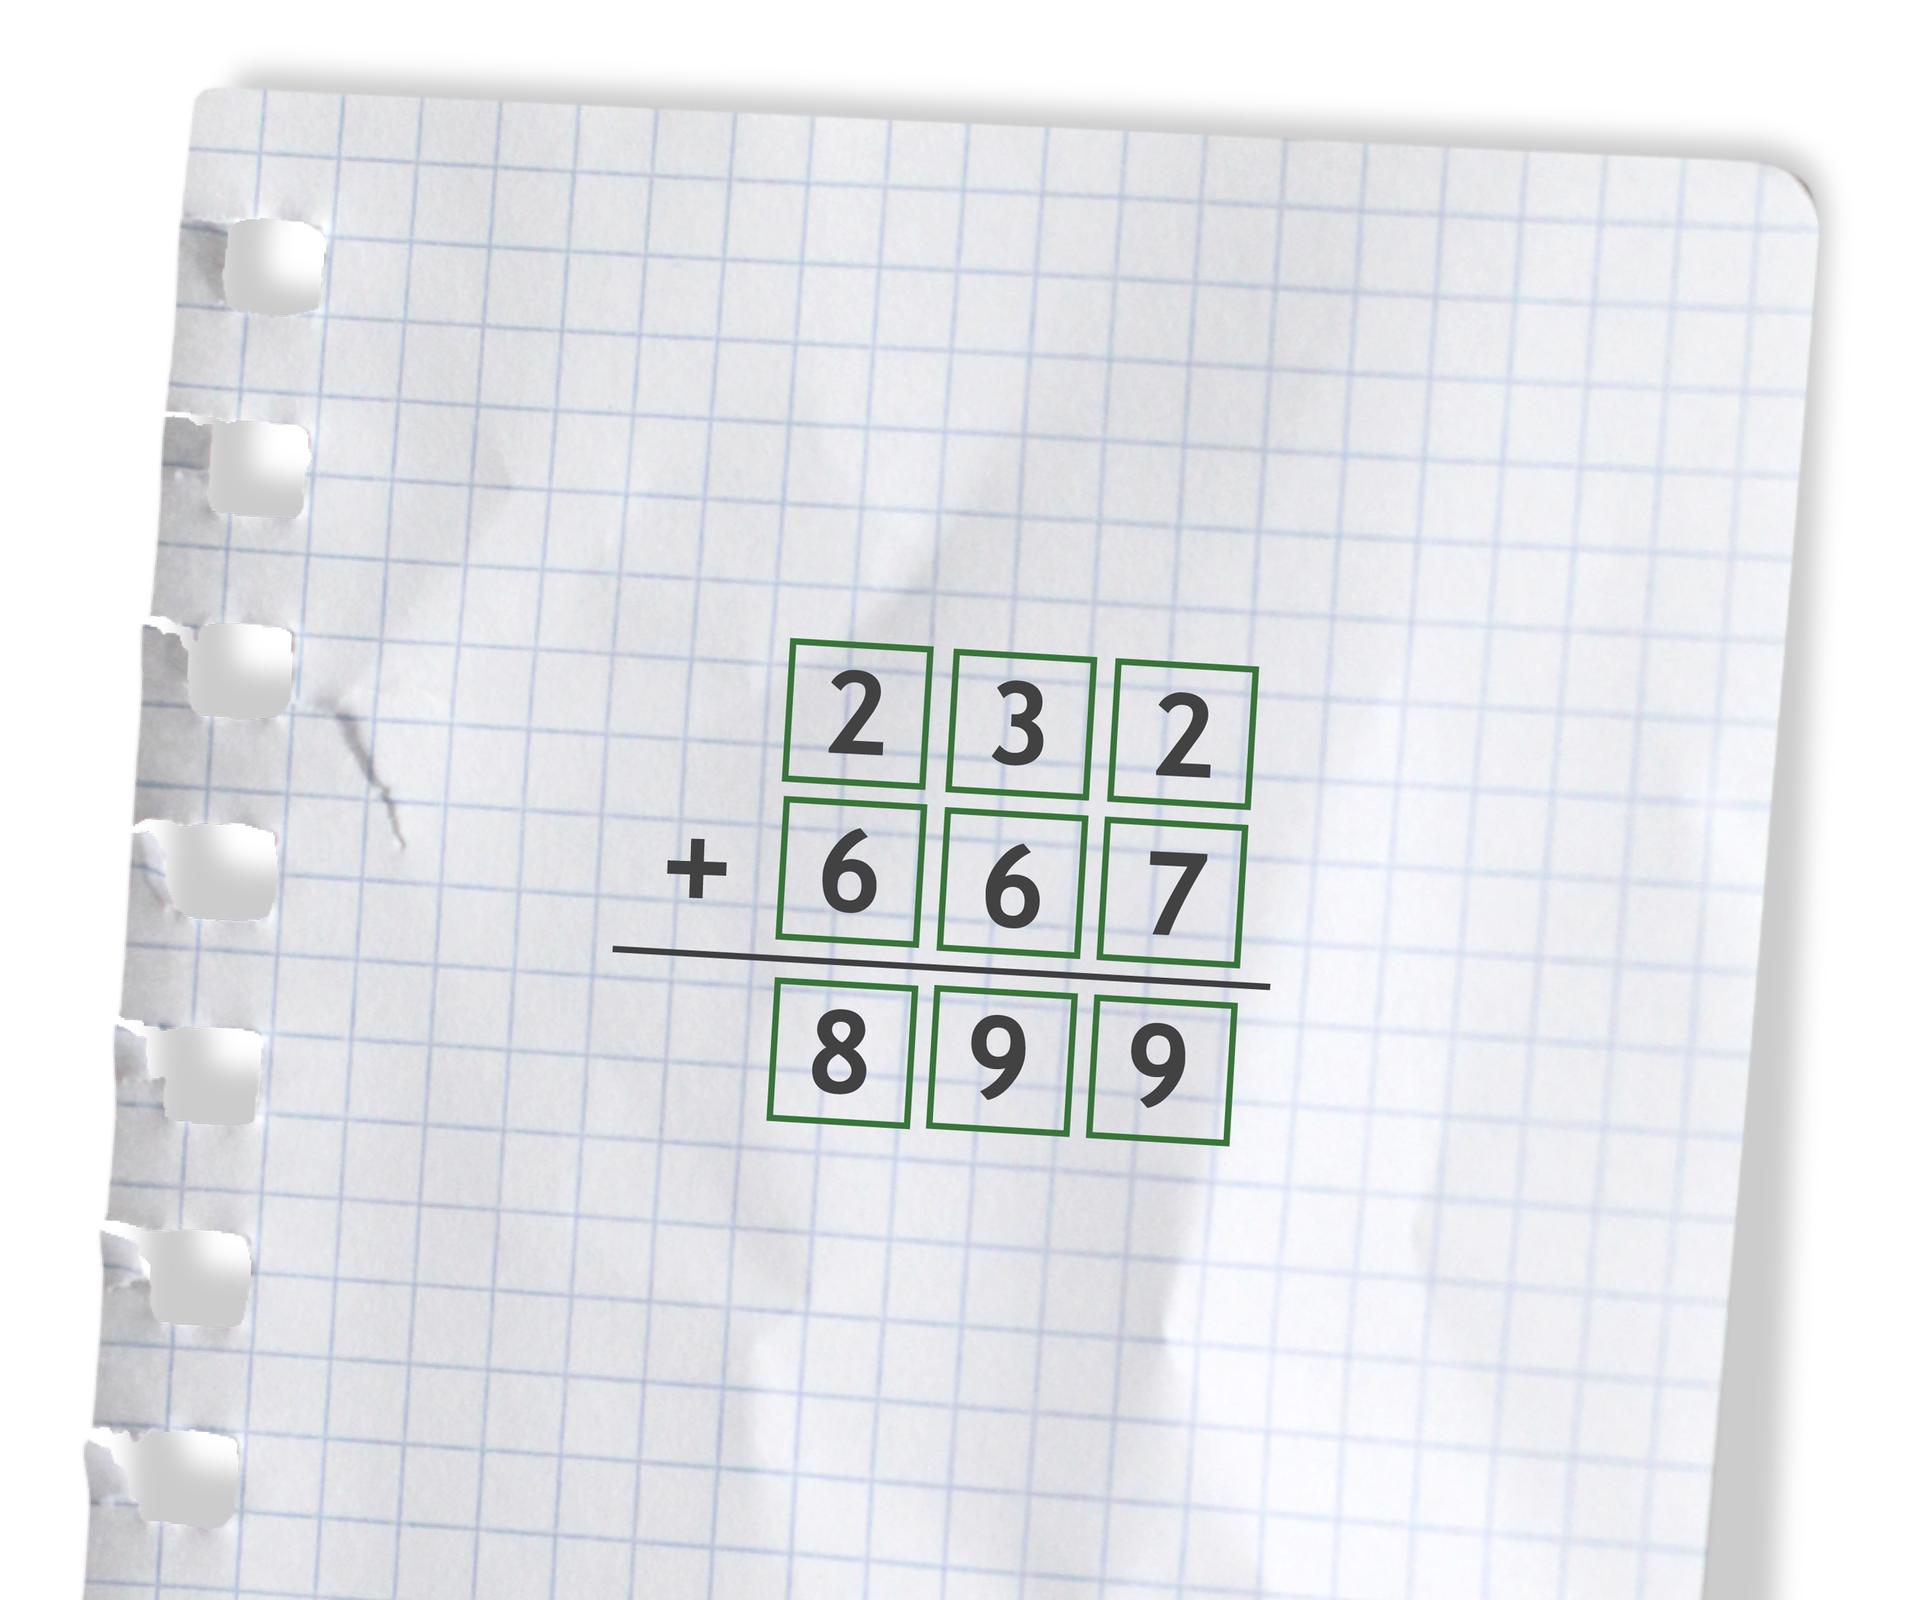 Przykład: 232 +667 =899. Rozwiązanie zadania podpunkt e.